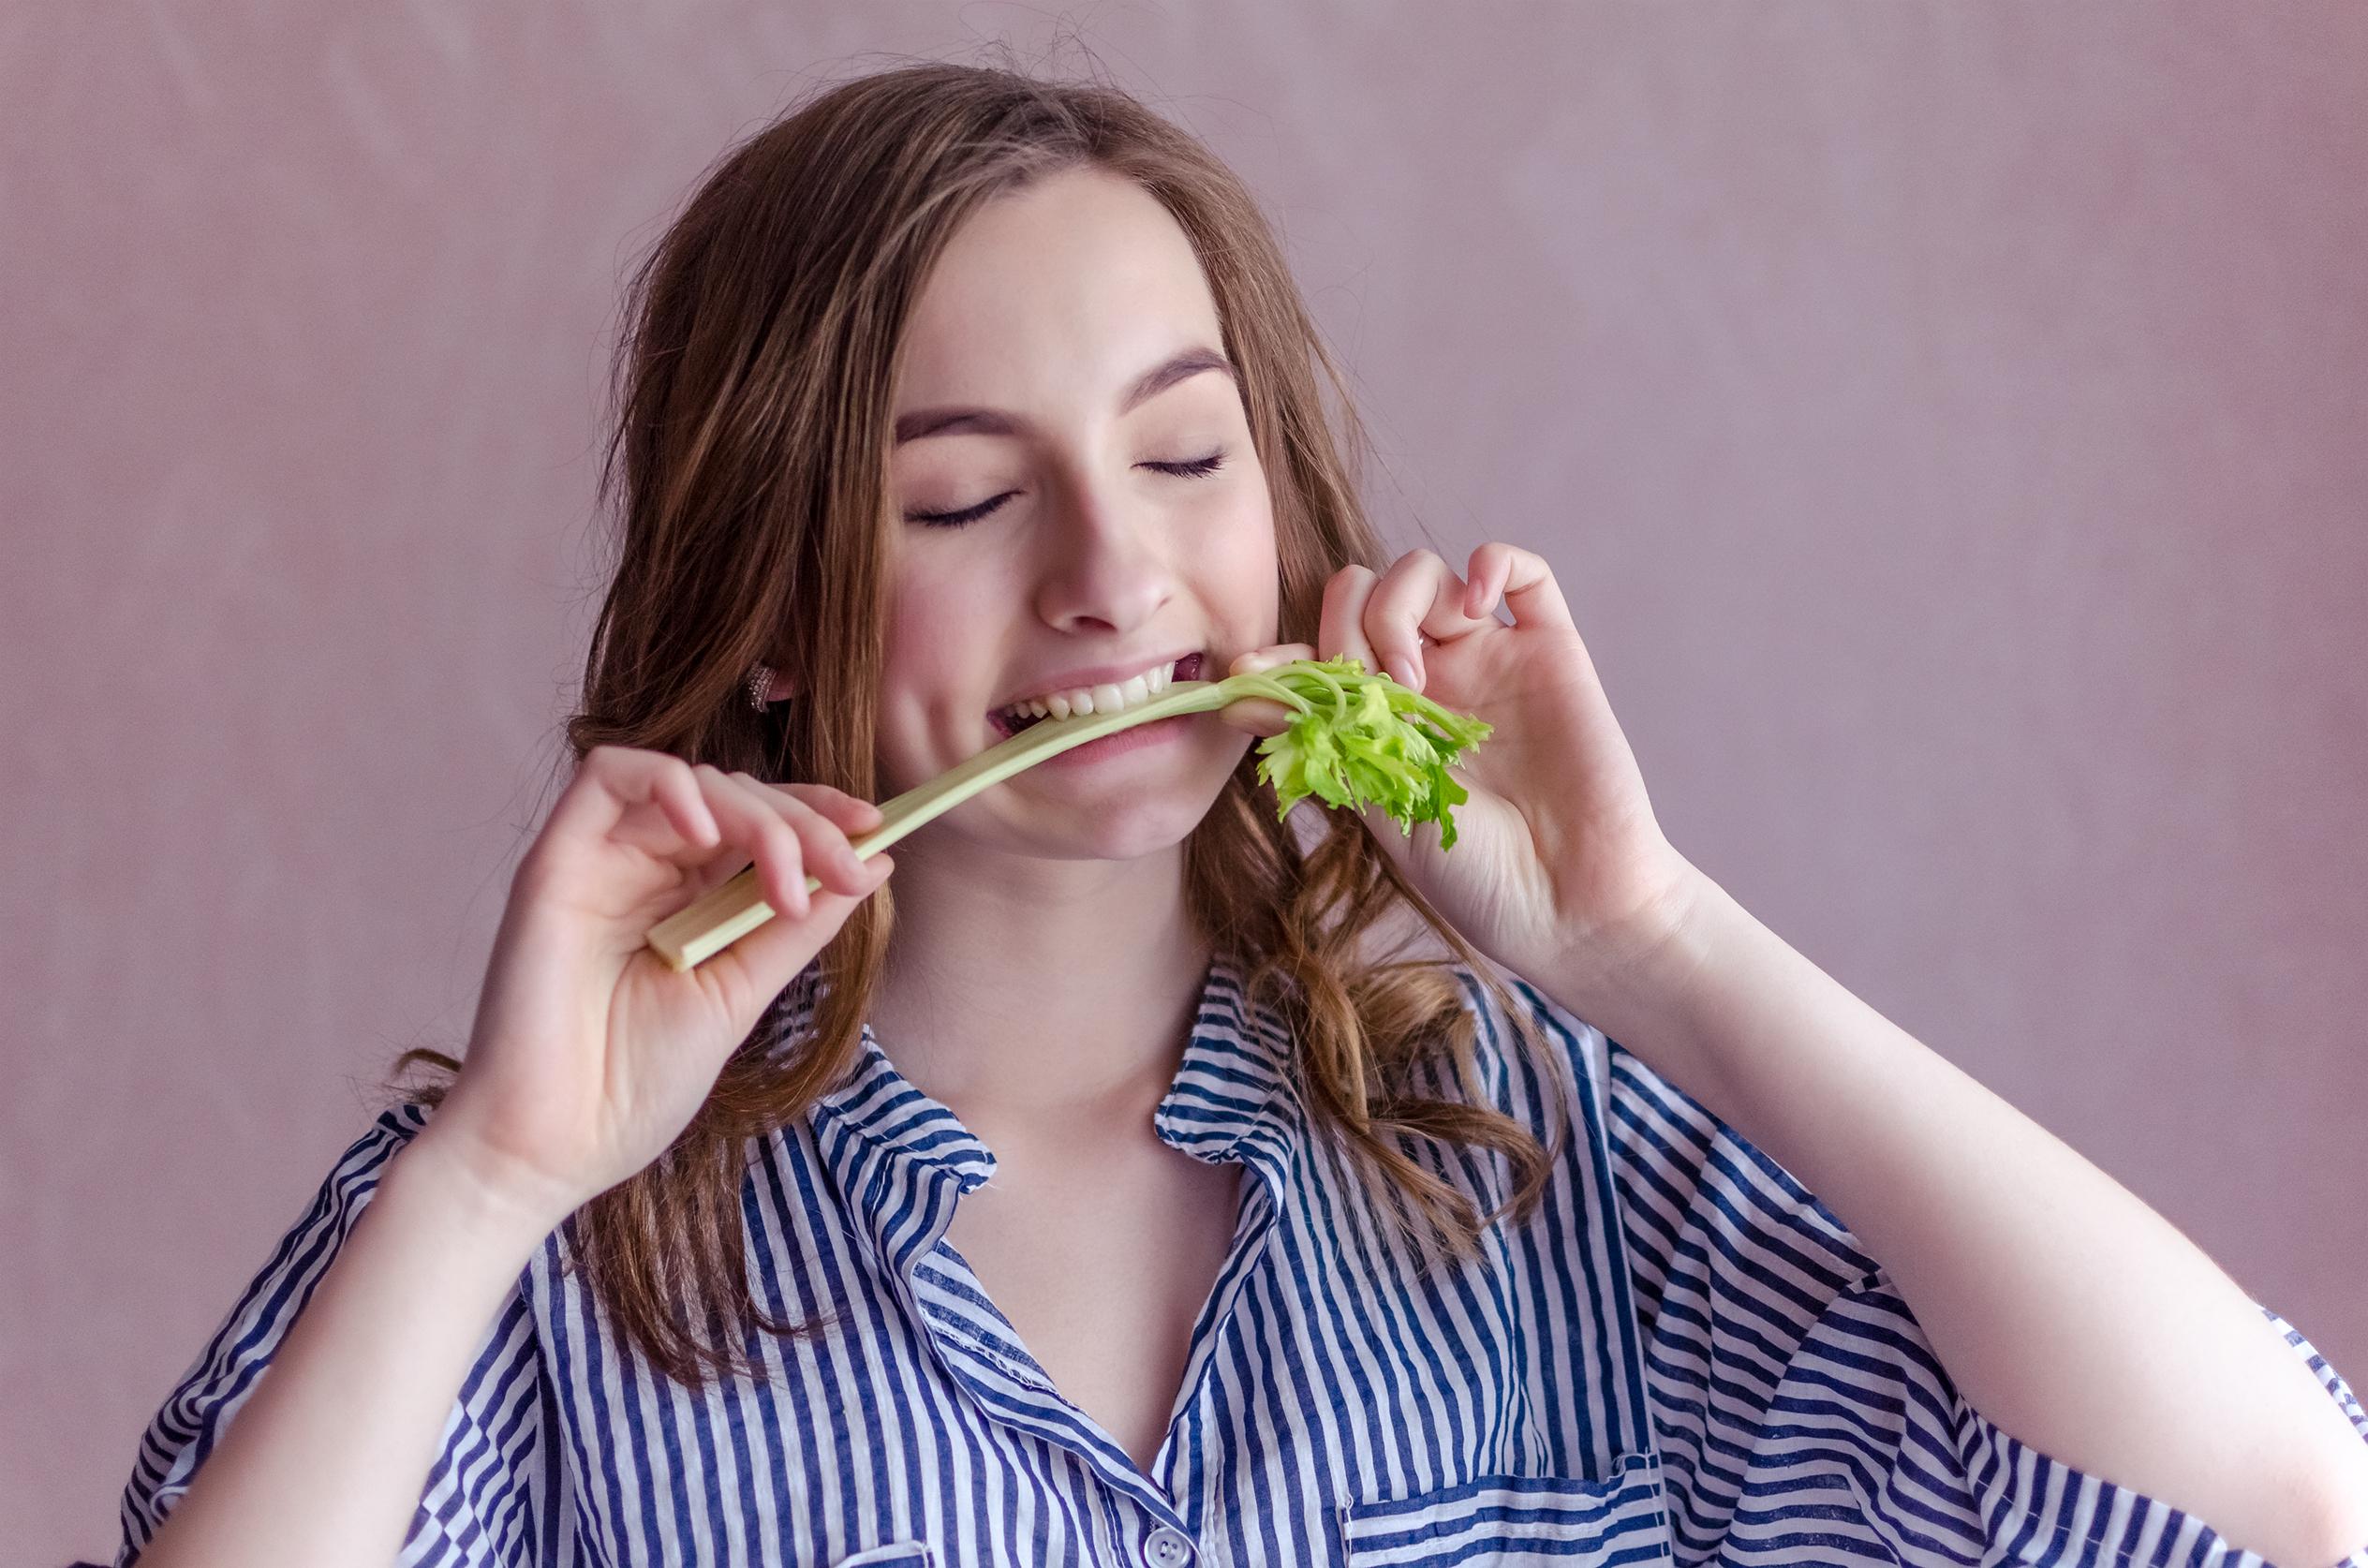 ¿Puede un adolescente ser vegano y mantenerse saludable?